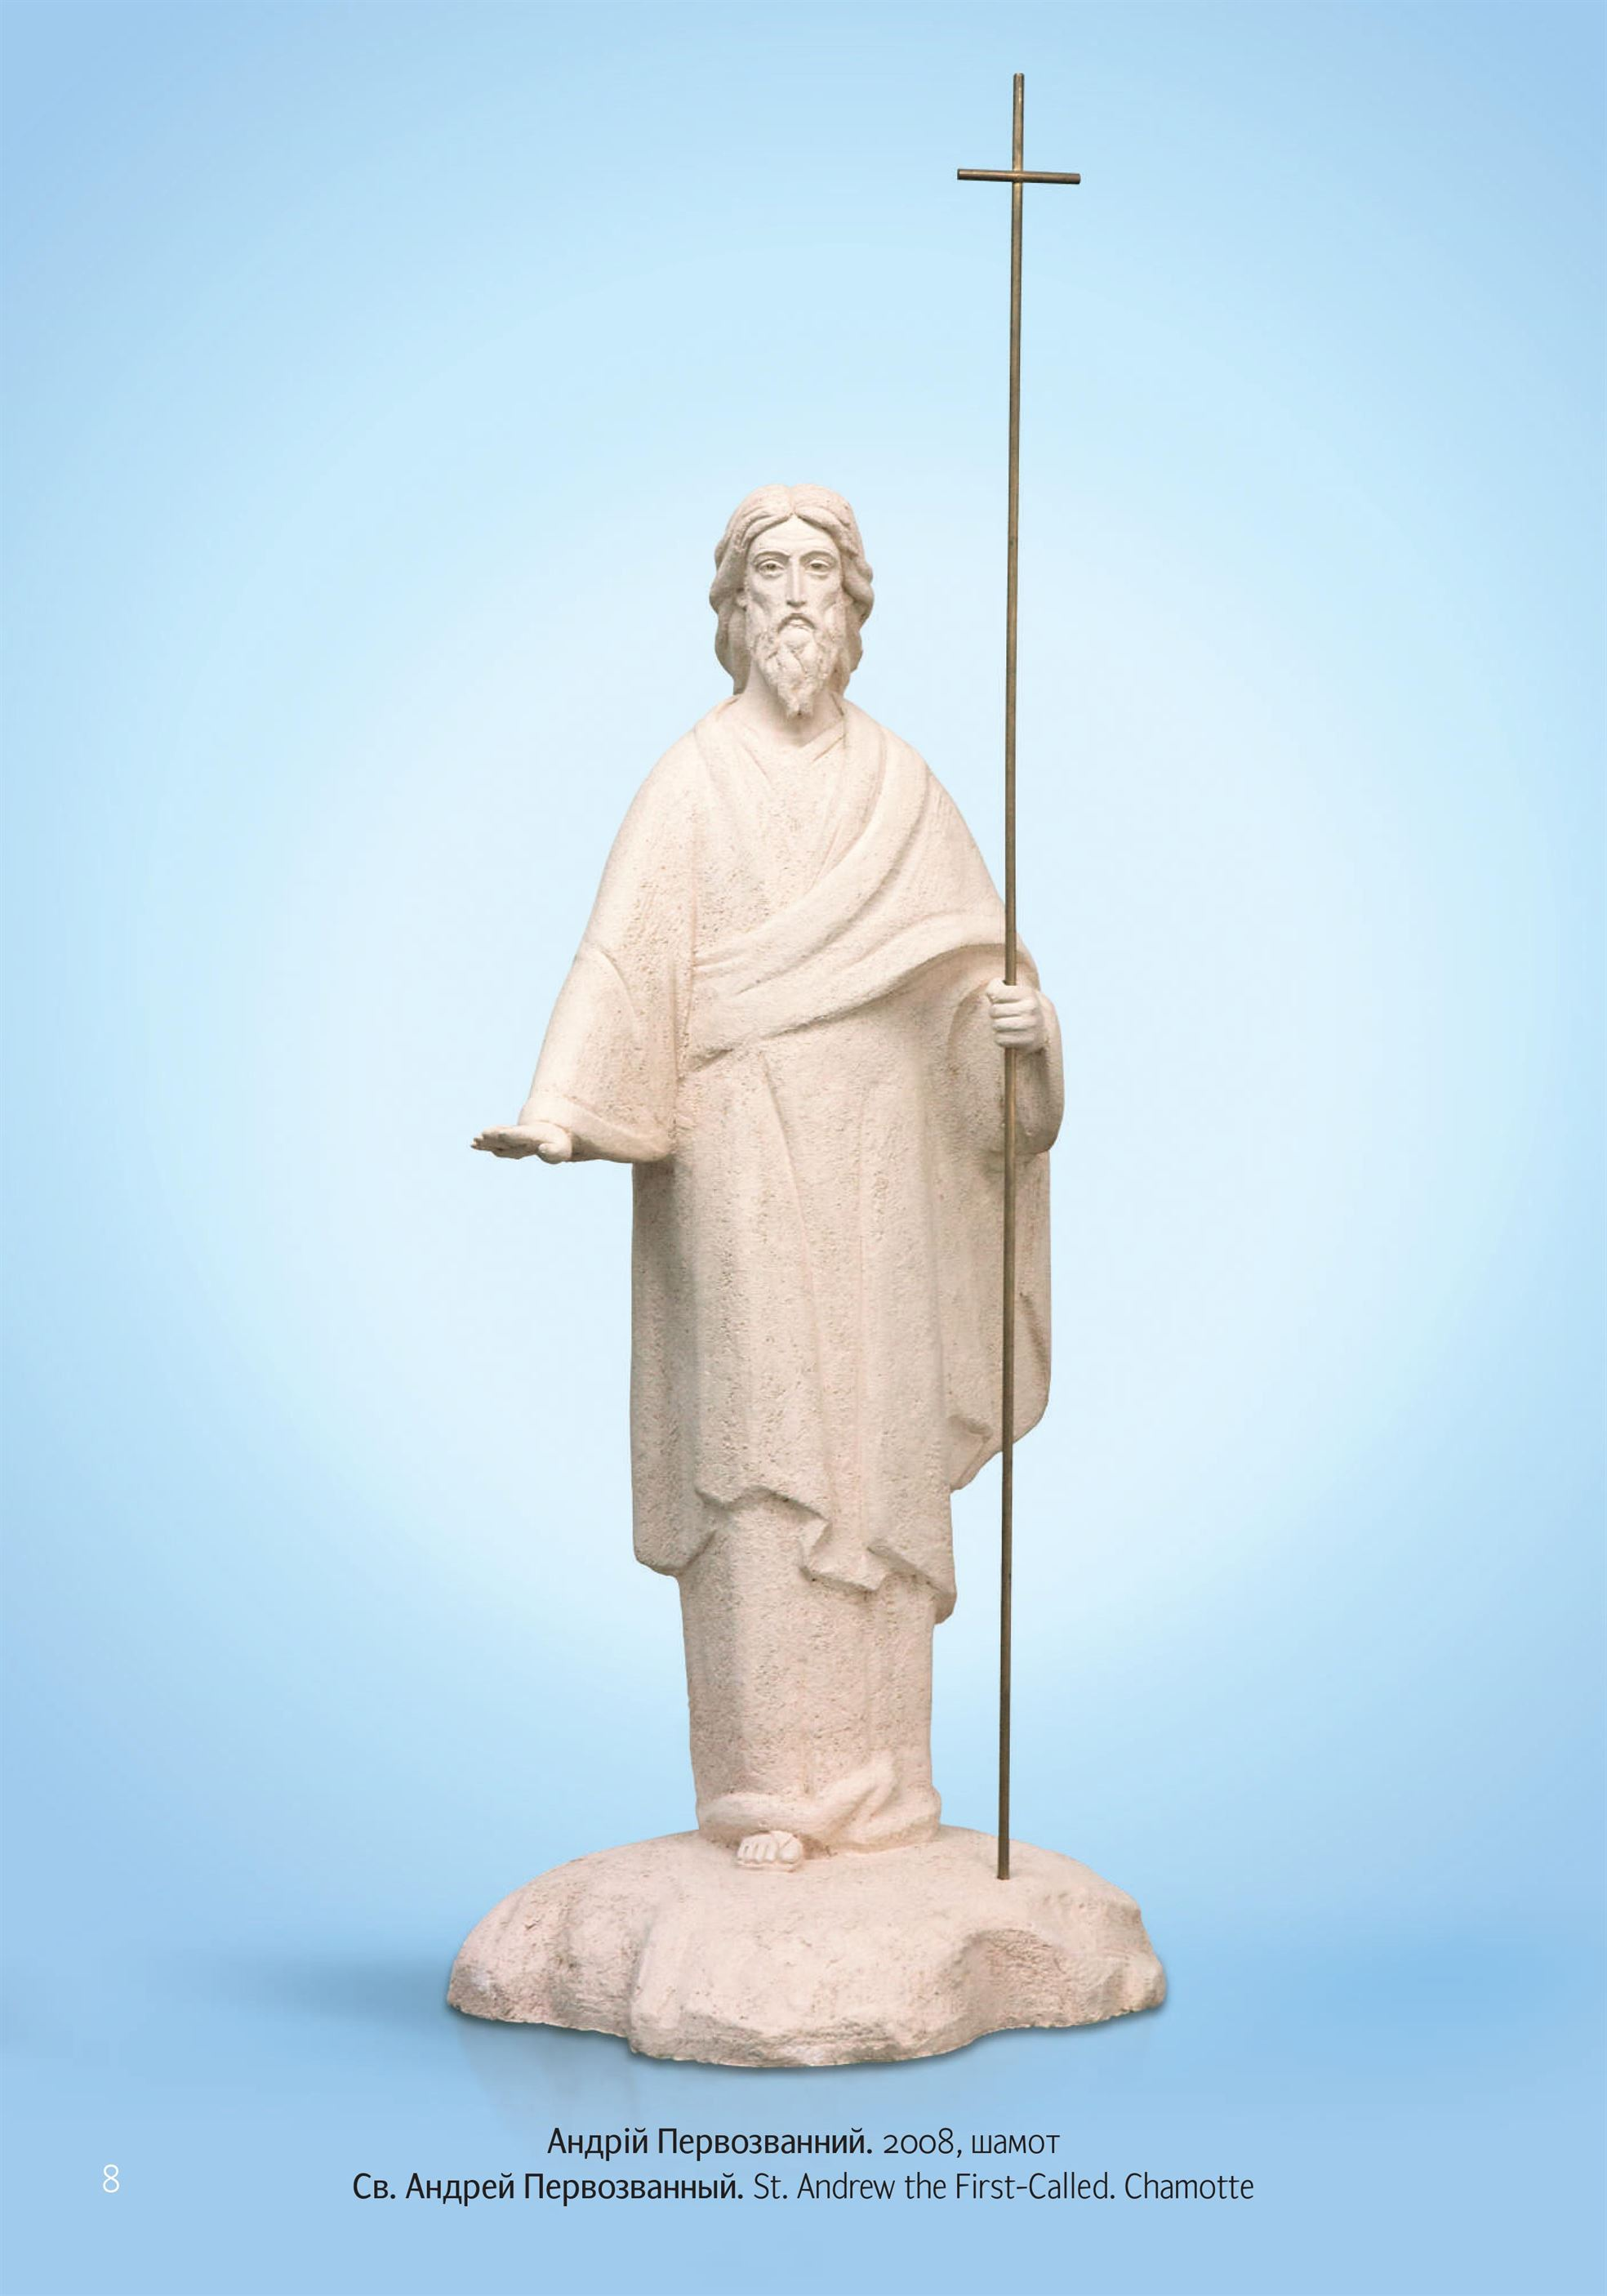 Скульптура Андрей первозванный